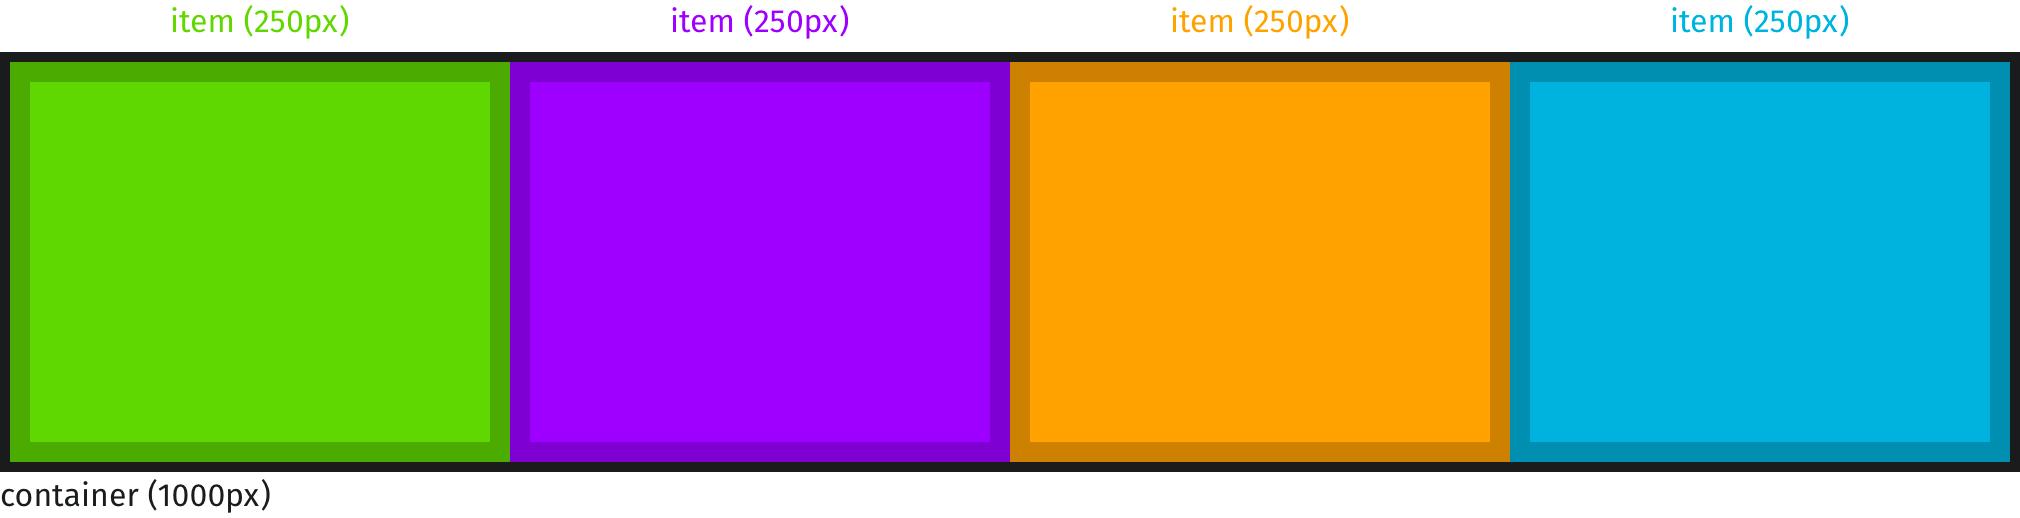 Расположение во flex контейнере flex элементов с установленным свойством min-width